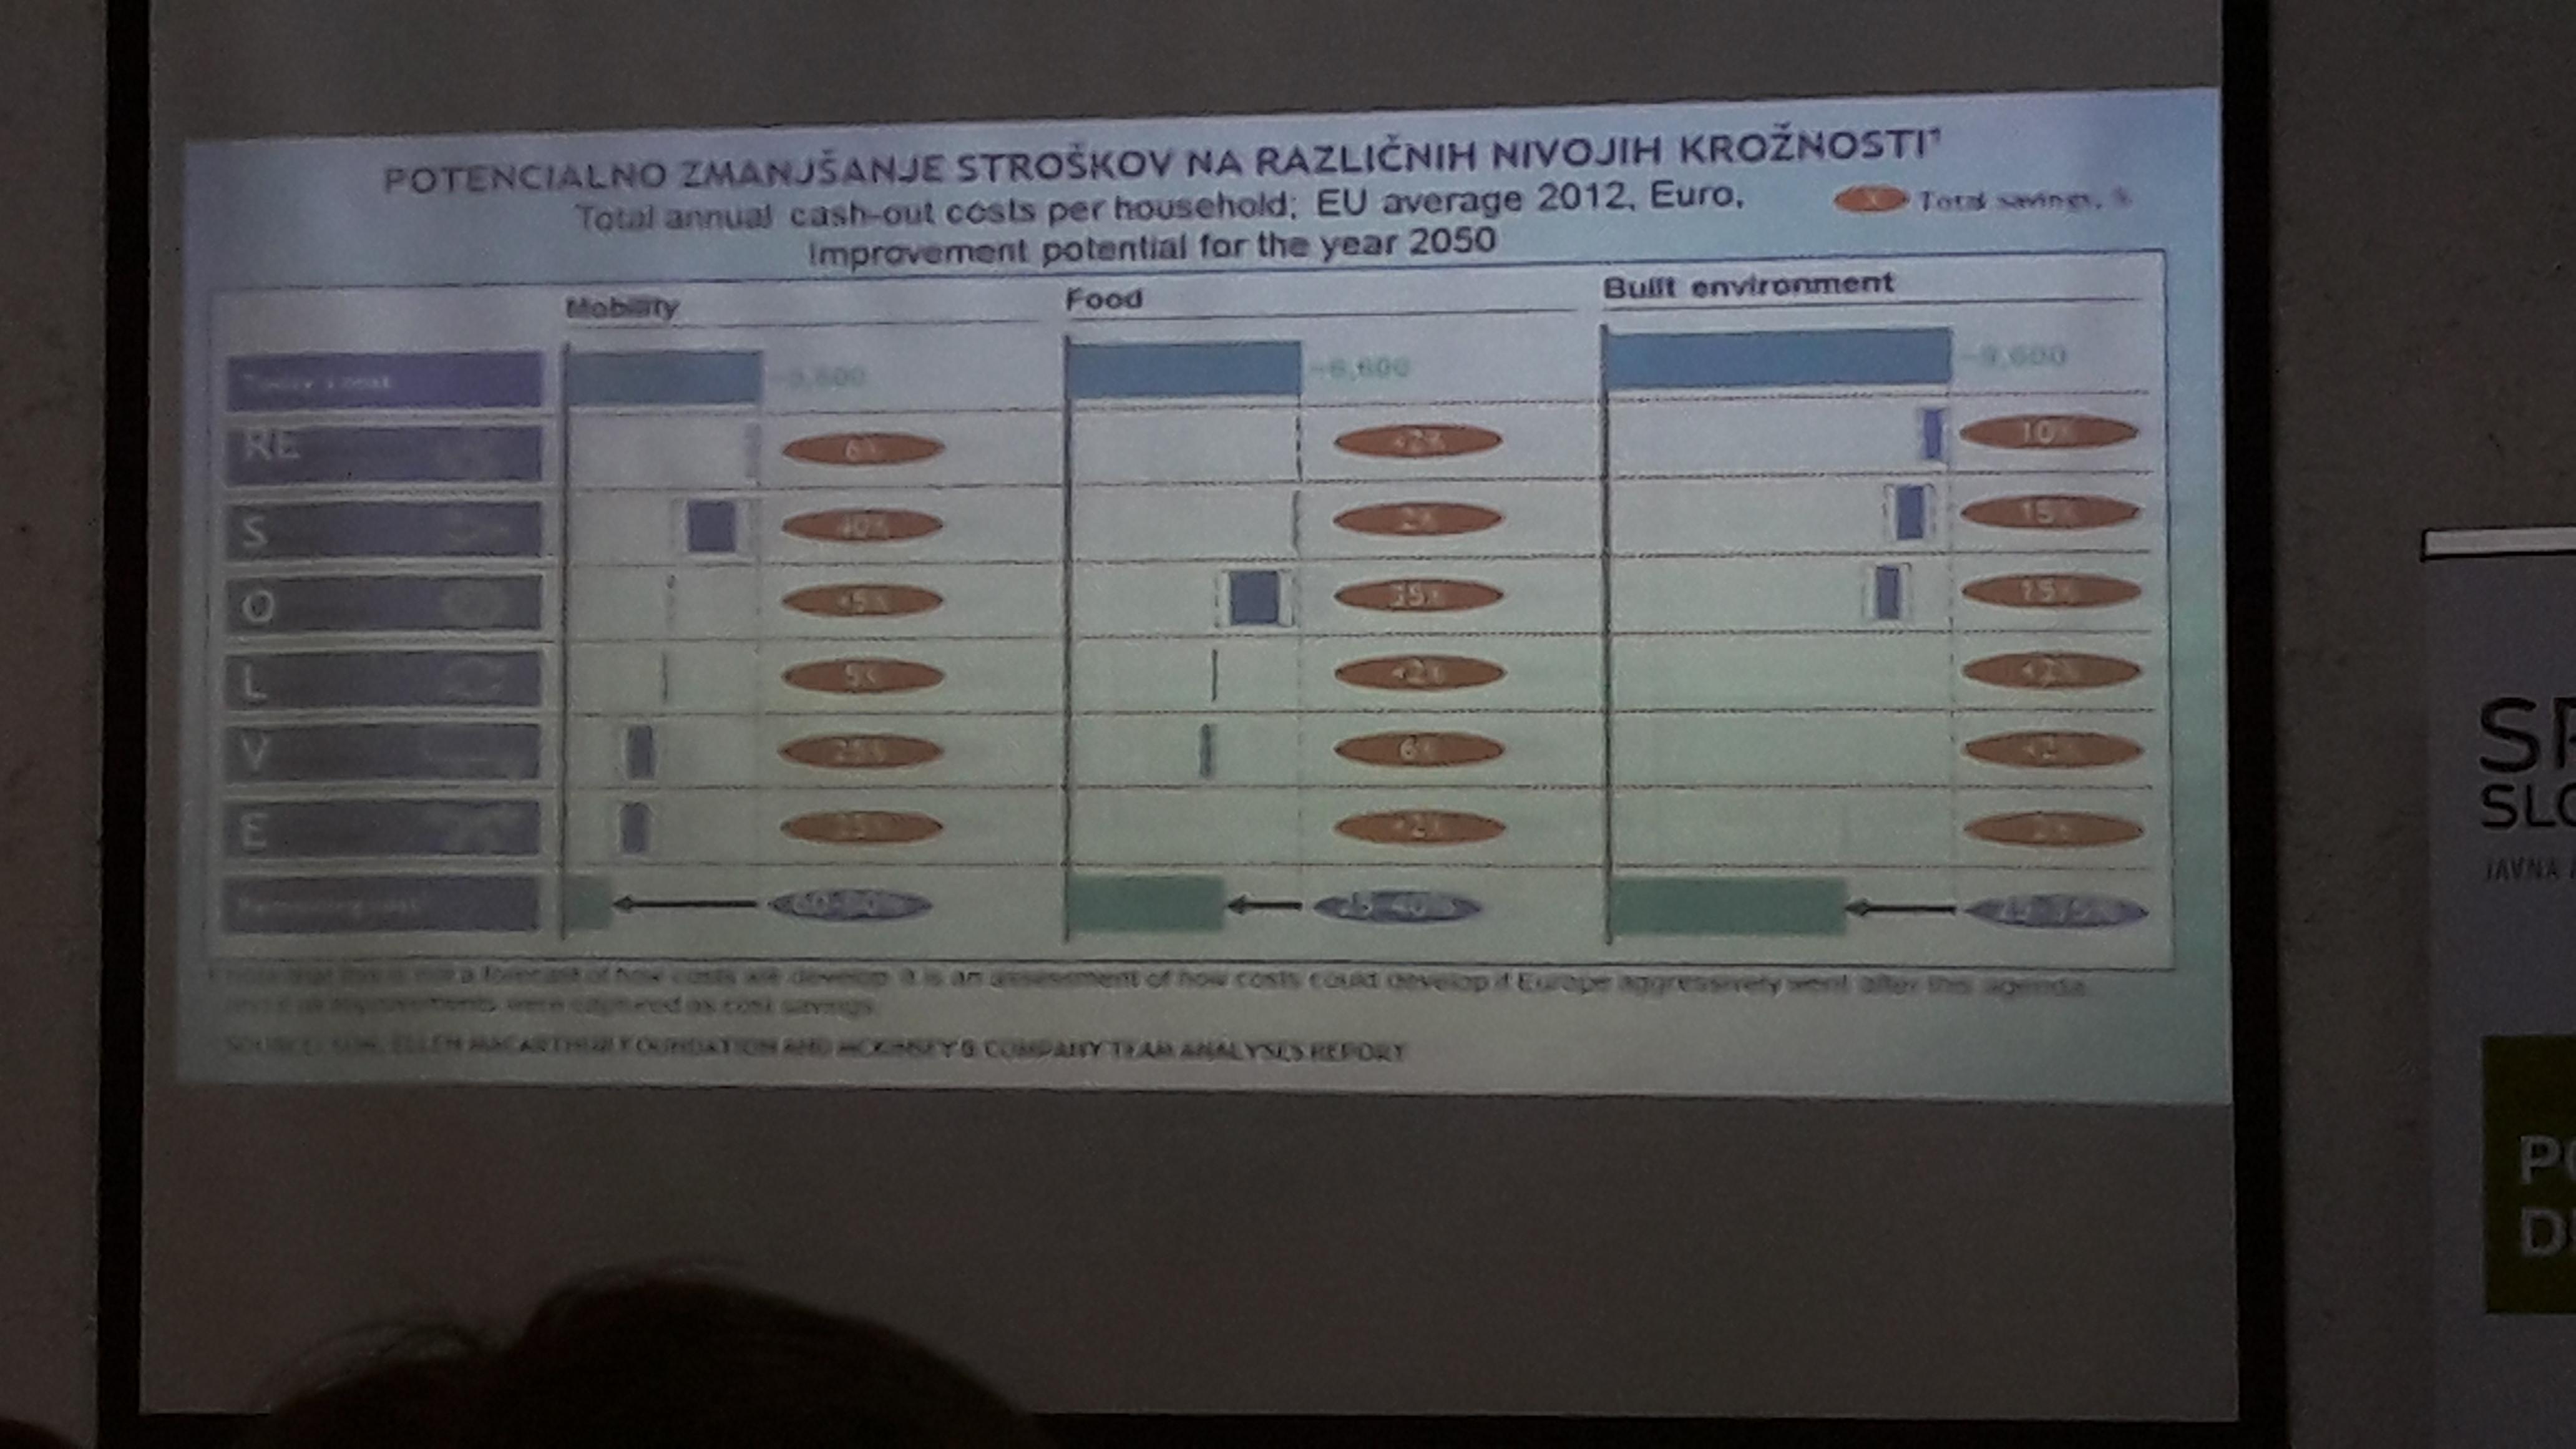 Vzpostavljanje trajnostnih poslovnih modelov v praksi - Dr. Janez Potočnik-4